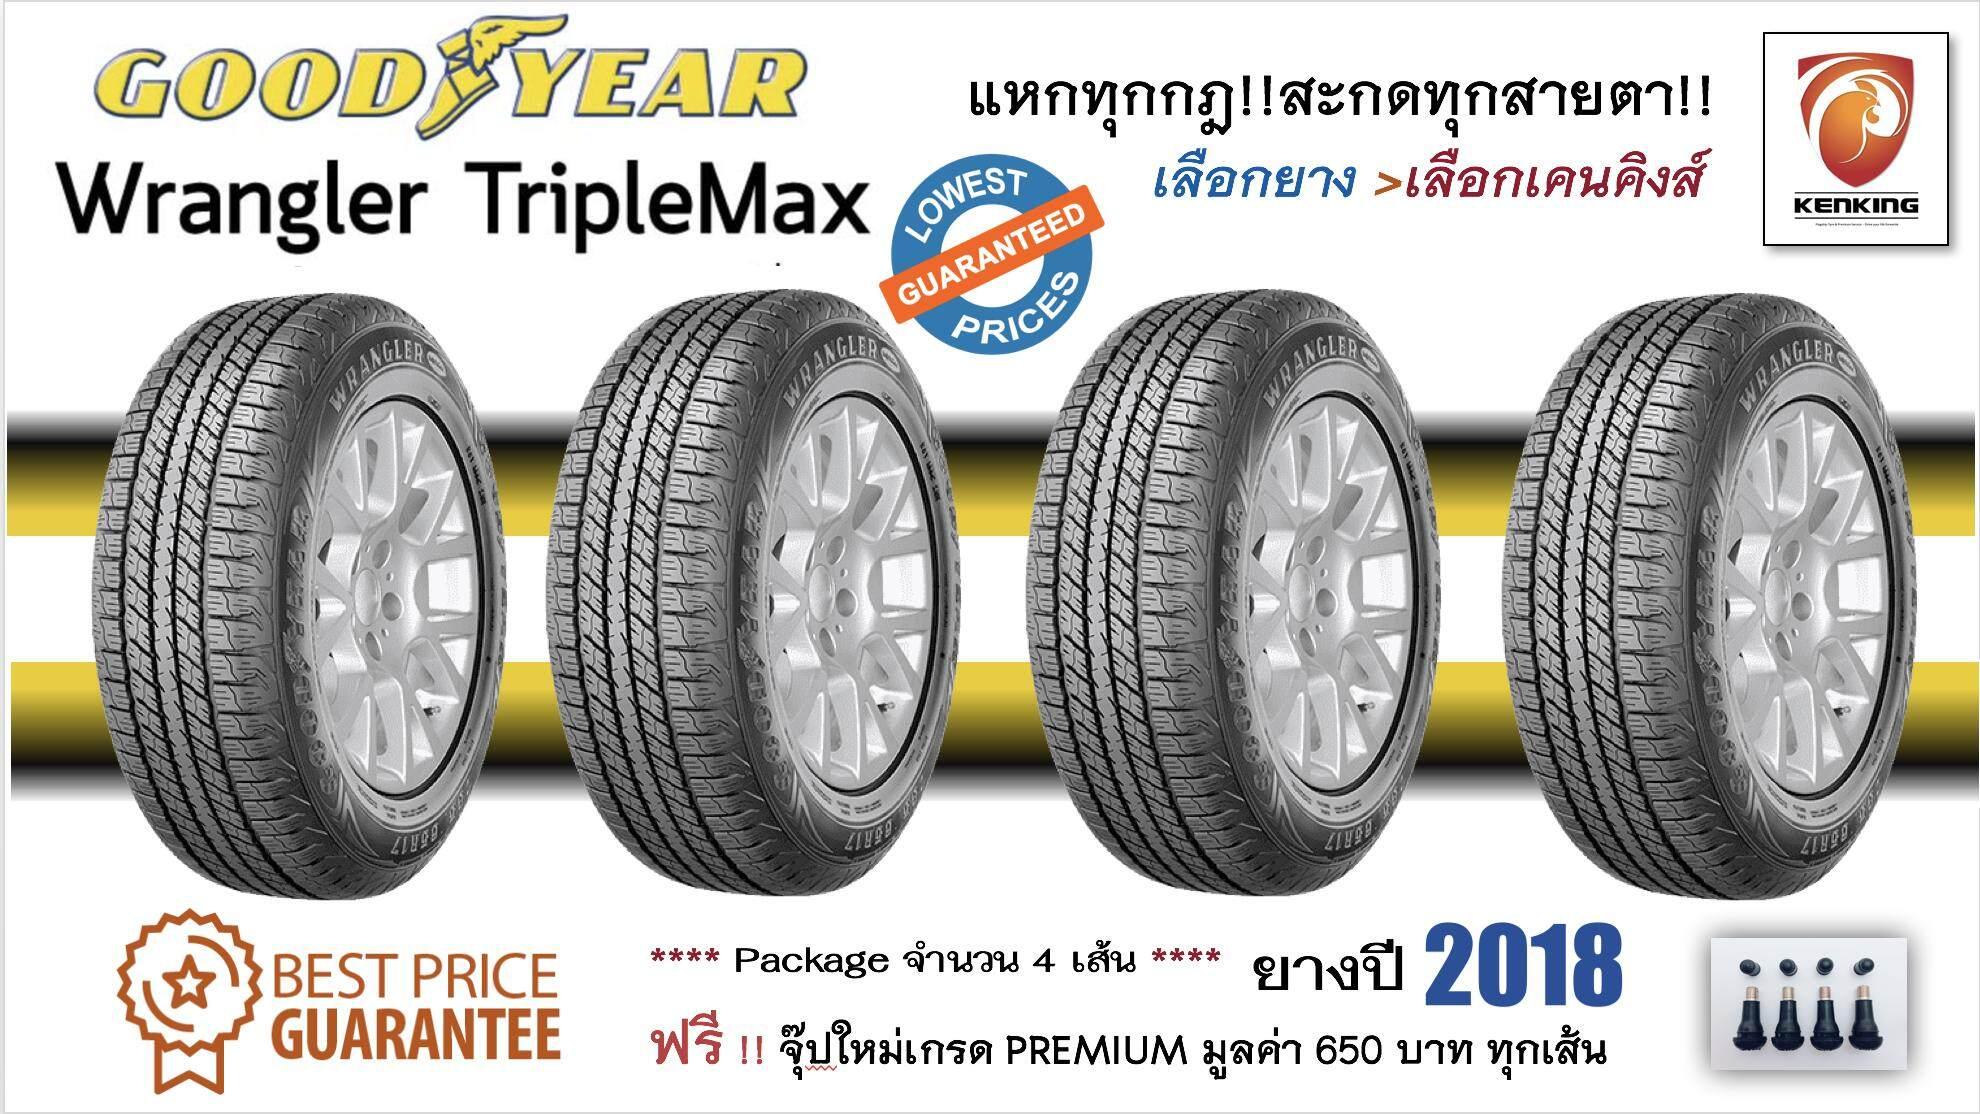 ประกันภัย รถยนต์ แบบ ผ่อน ได้ ประจวบคีรีขันธ์ ยางรถยนต์ขอบ 17 Goodyear  245/65 R17 (สำหรับ 4 เส้น)  New!! ปี 2019 รุ่น 112H รุ่น Wrangler Triplemax (ฟรี !! จุ๊ปเกรด Premium มูลค่า 650 บาท)